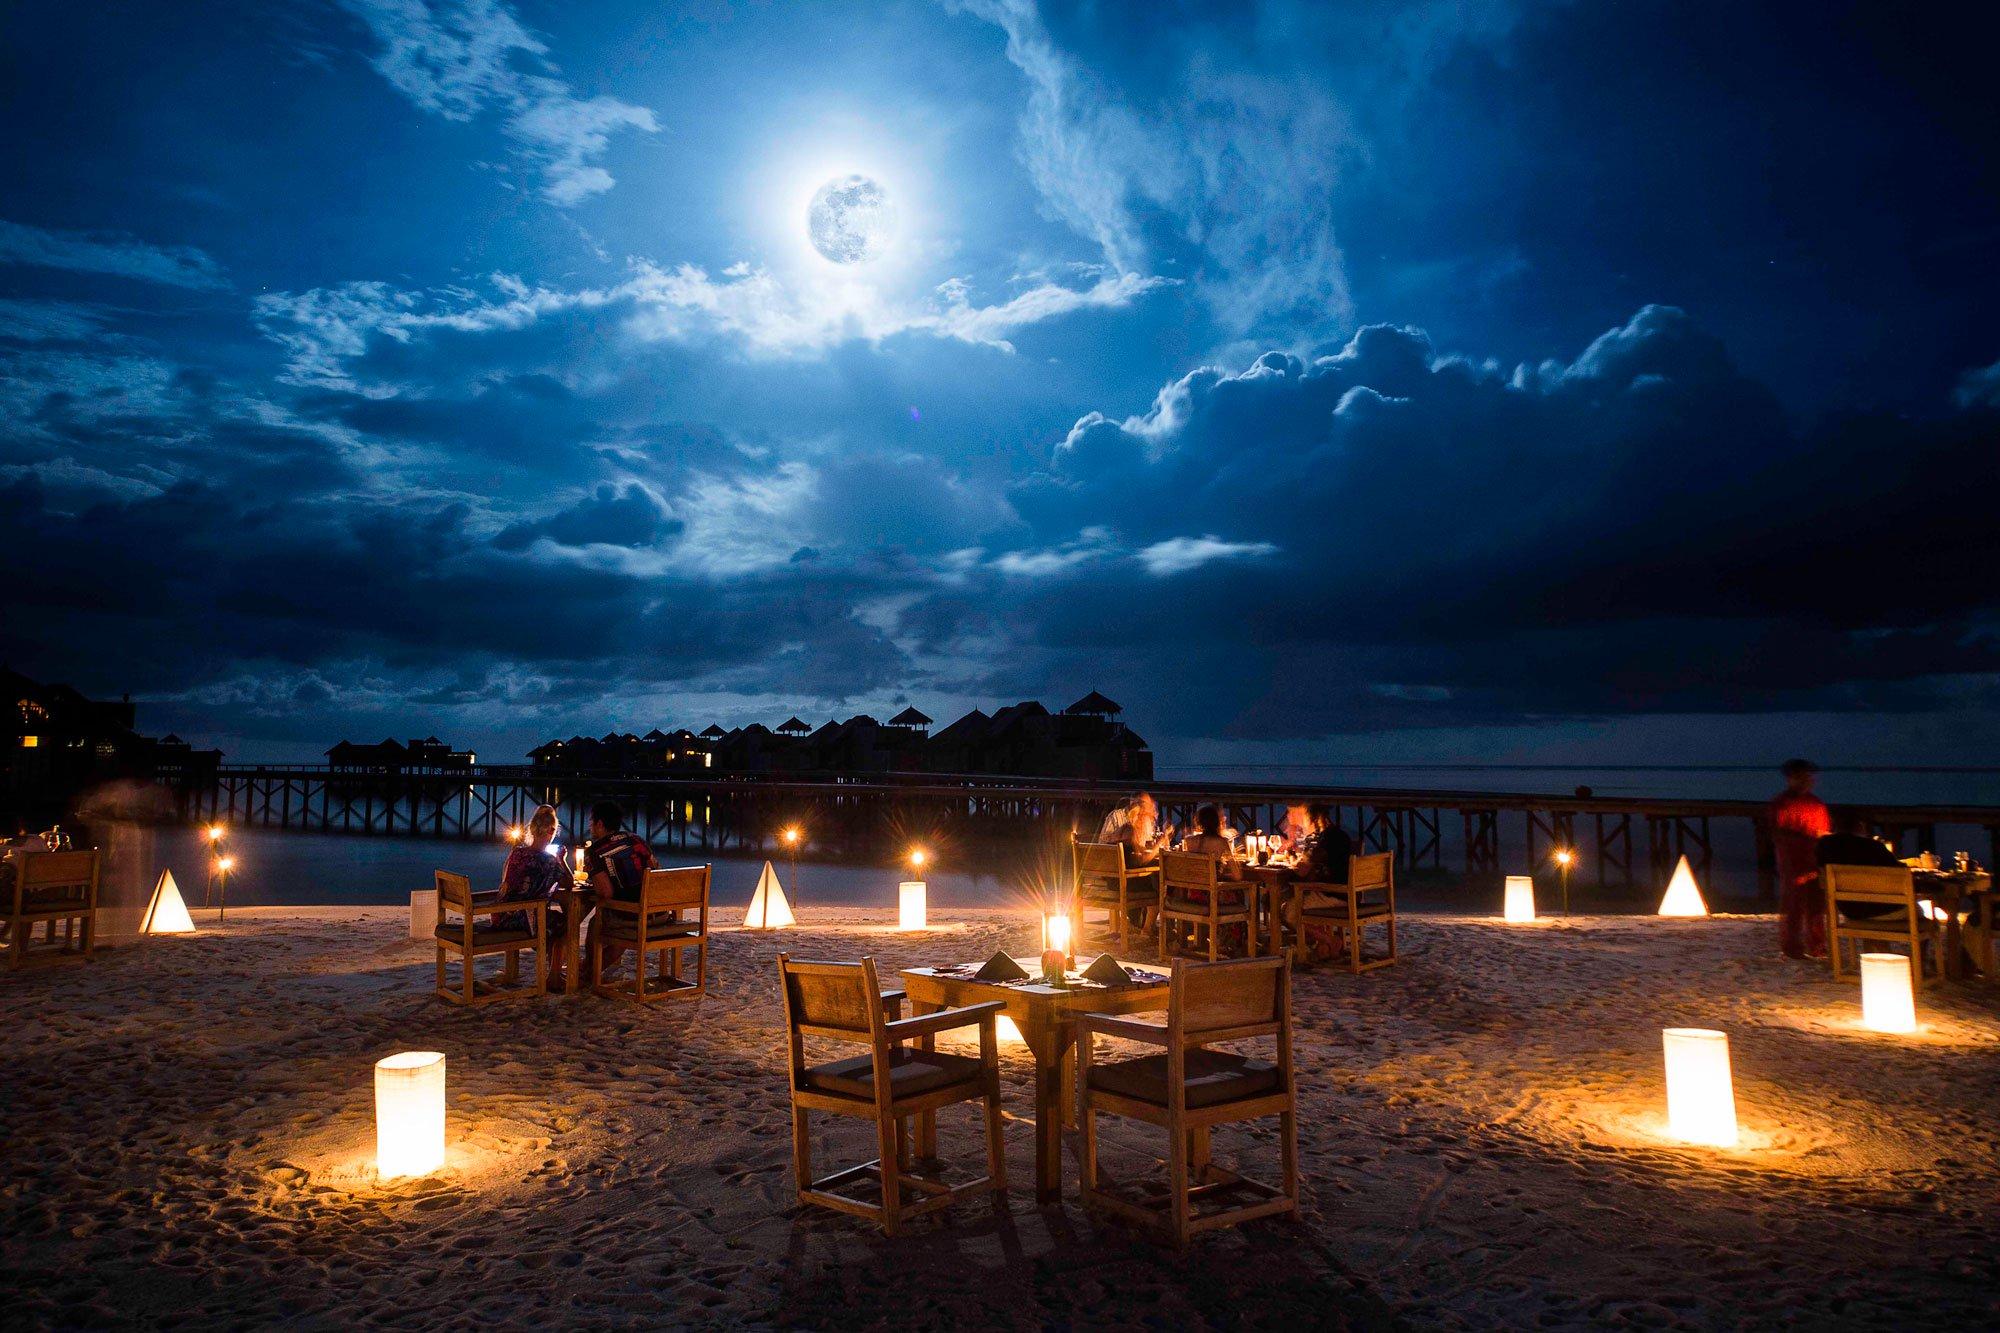 turismo en las maldivas 54